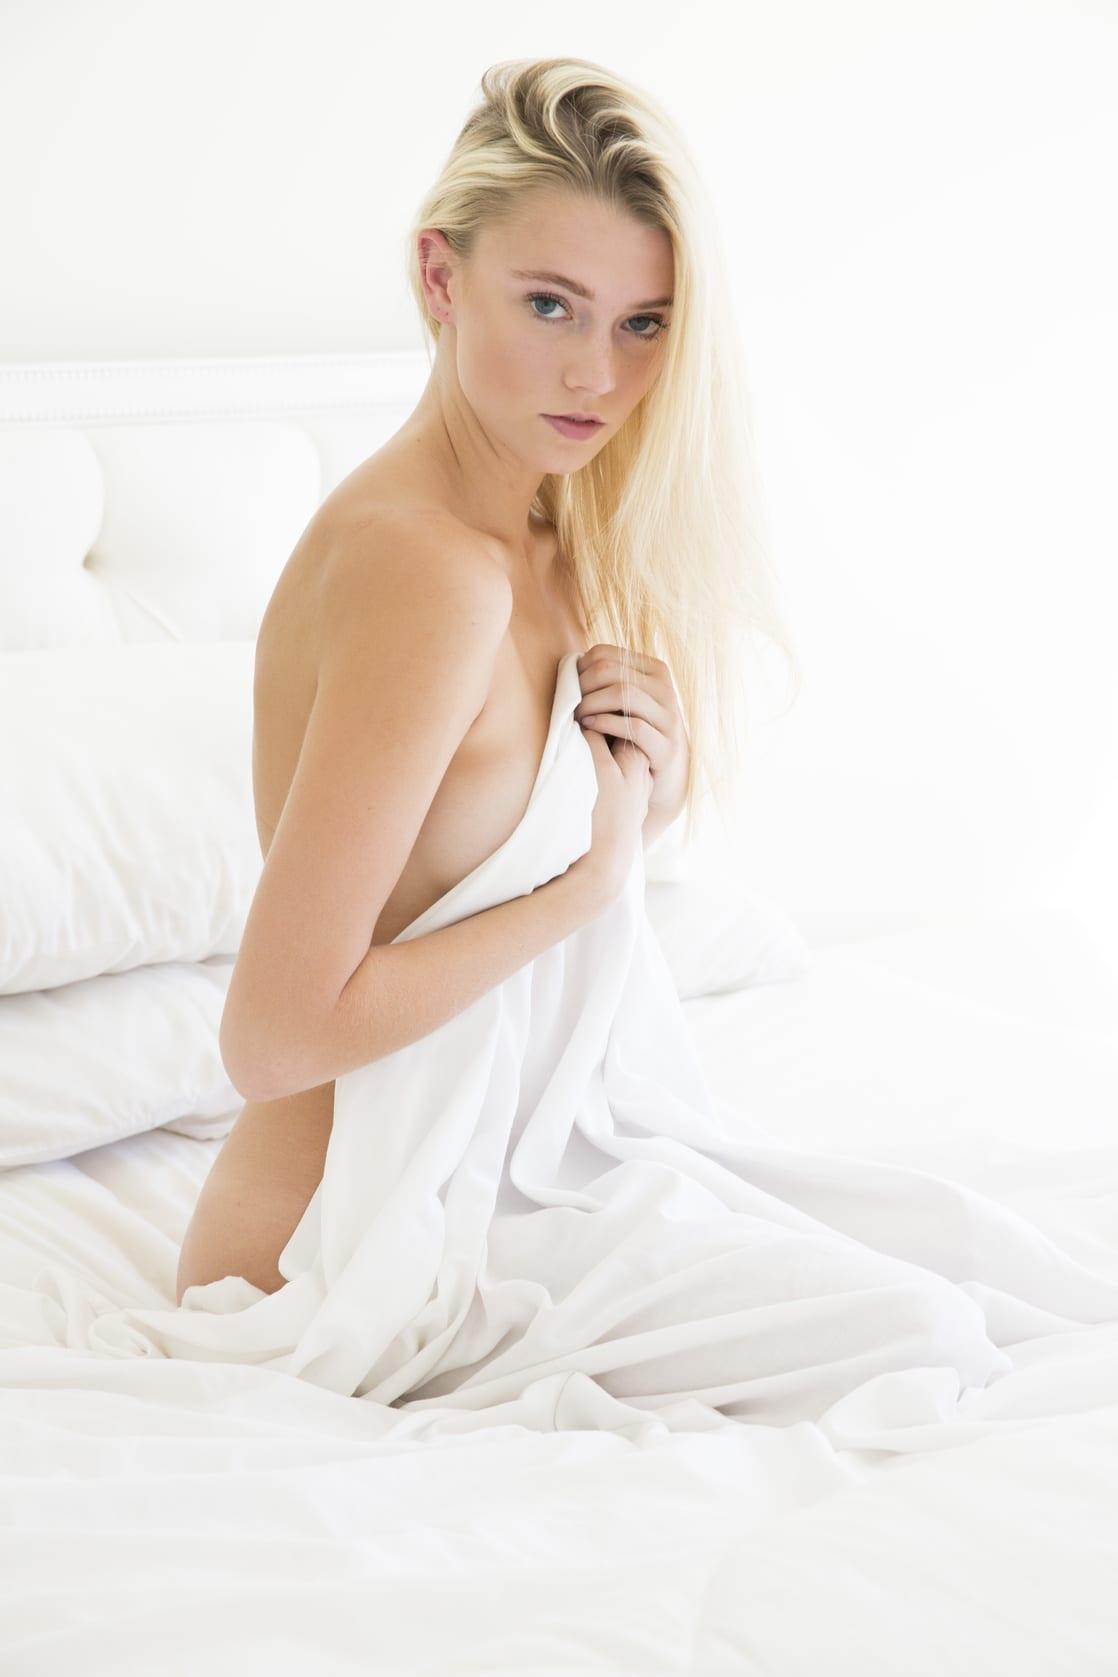 Raina Lawson nudes (33 fotos) Boobs, 2015, see through